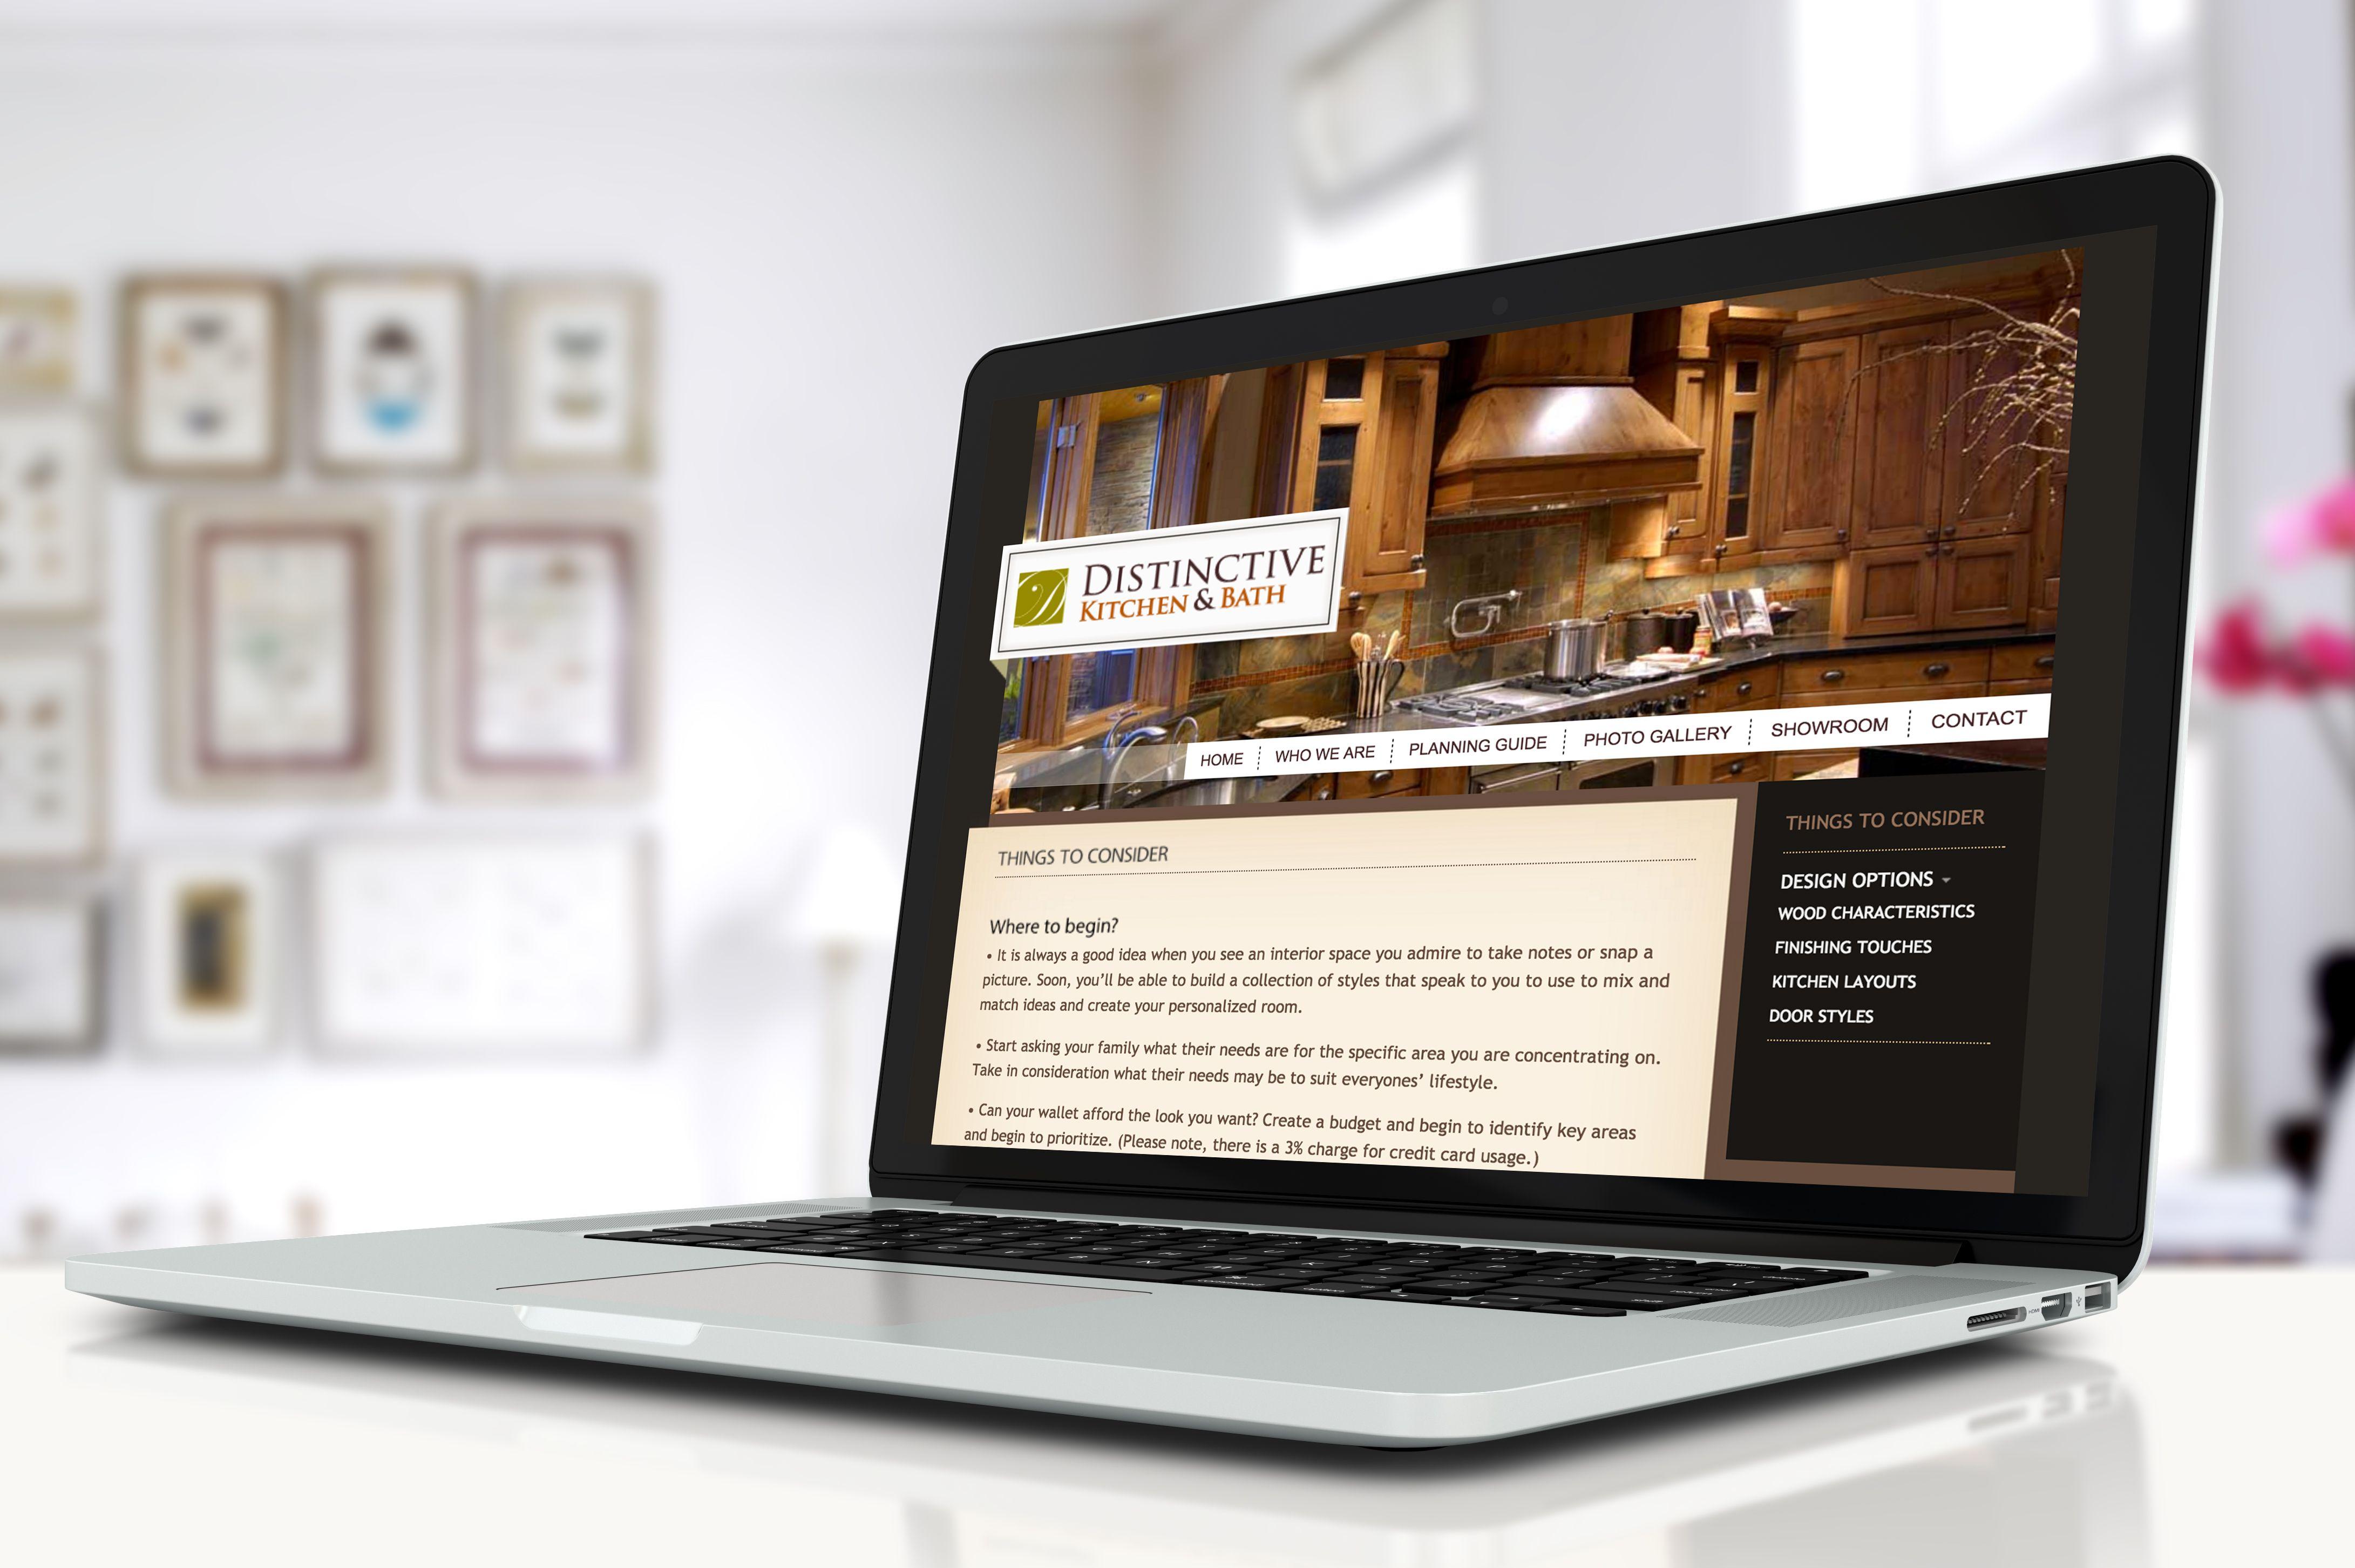 Distinctive Kitchen and Bath digital marketing on their website